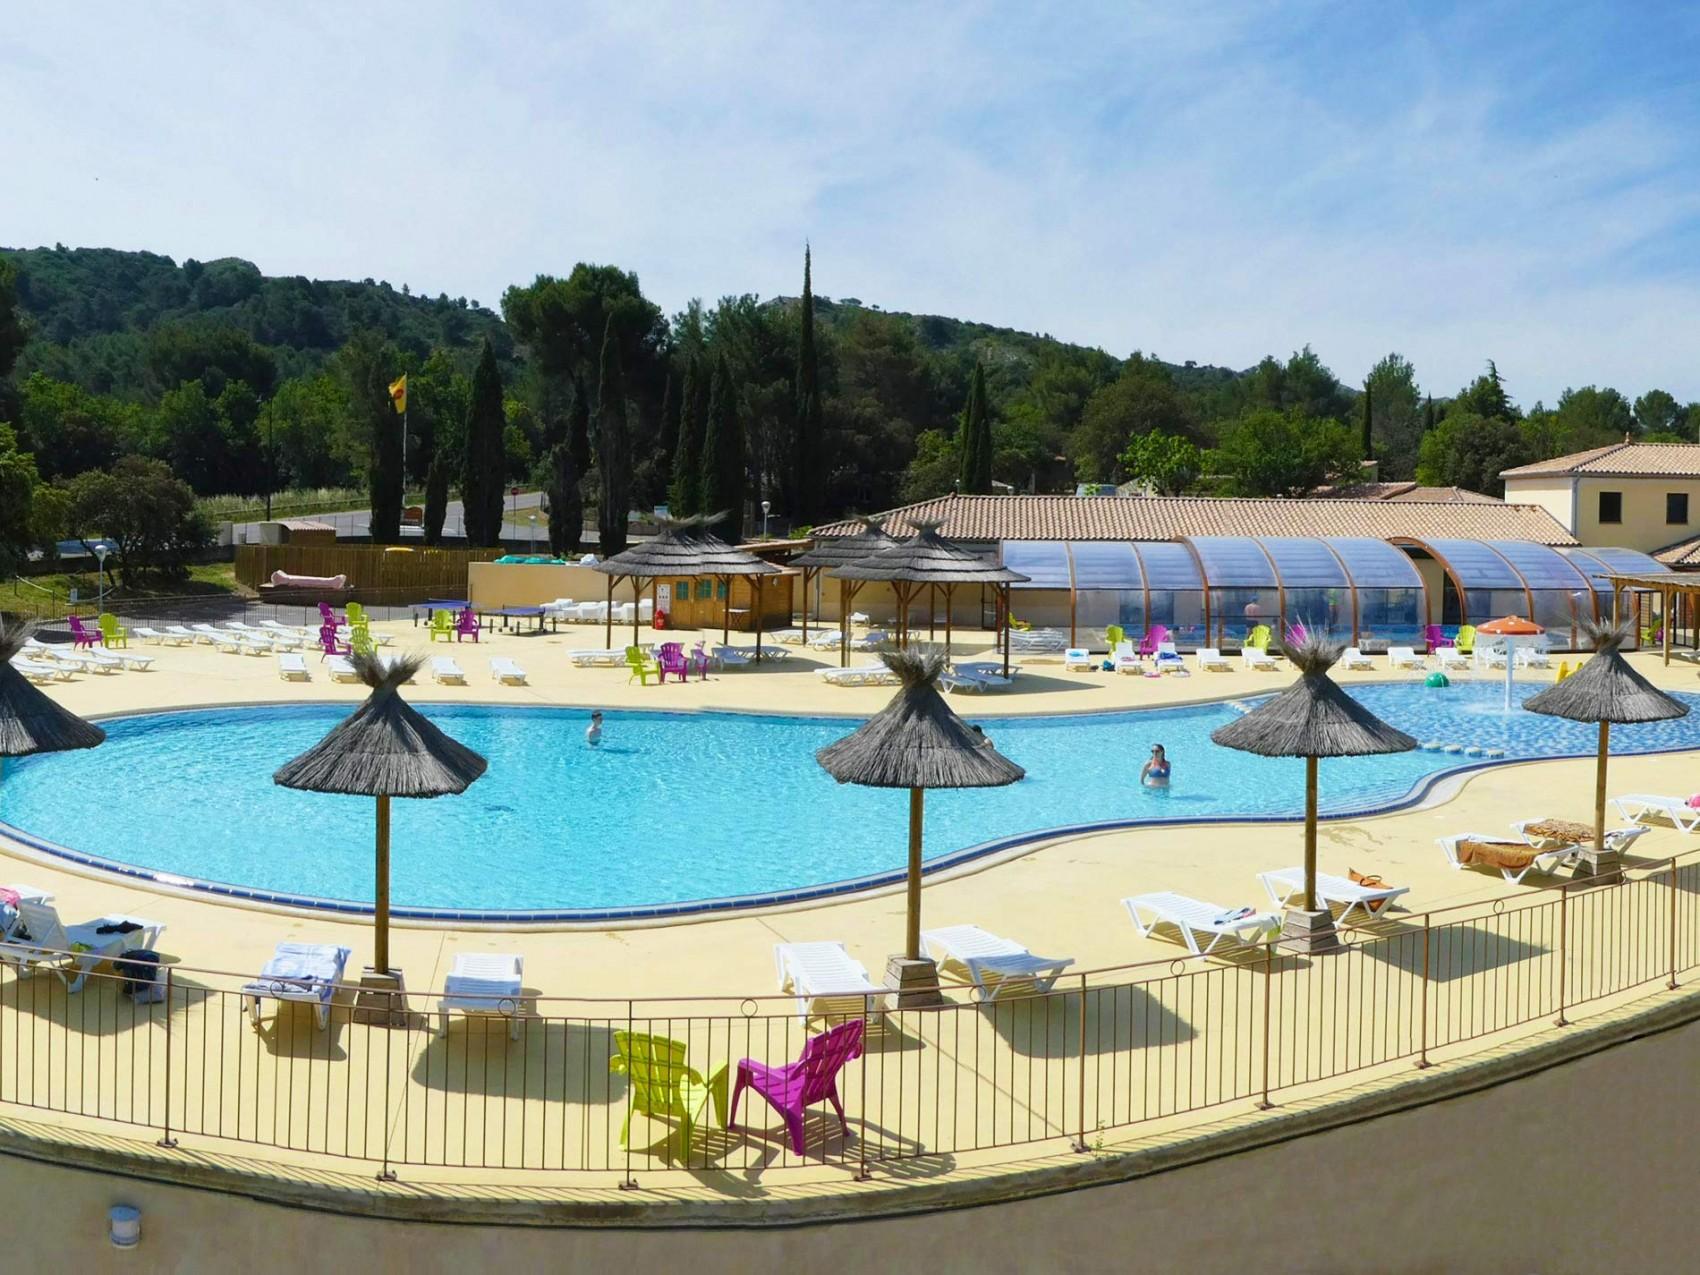 Acqua Azzurra Piscine campeggio piscina charleval, provenza alpi costa azzurra